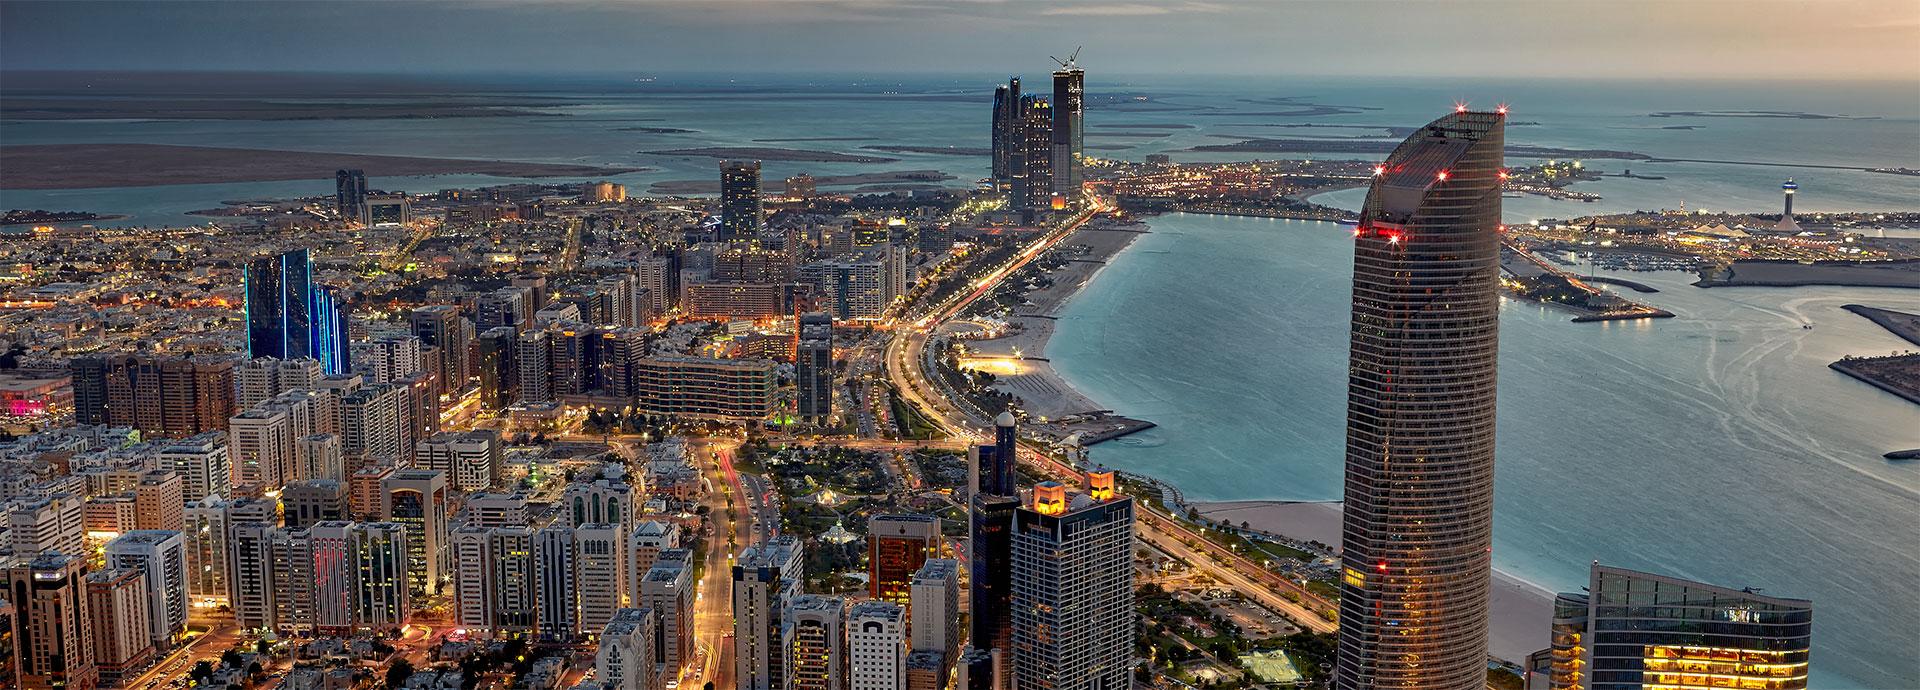 قطر الأولى عالميا في متوسط دخل الفرد والإمارات السابعة